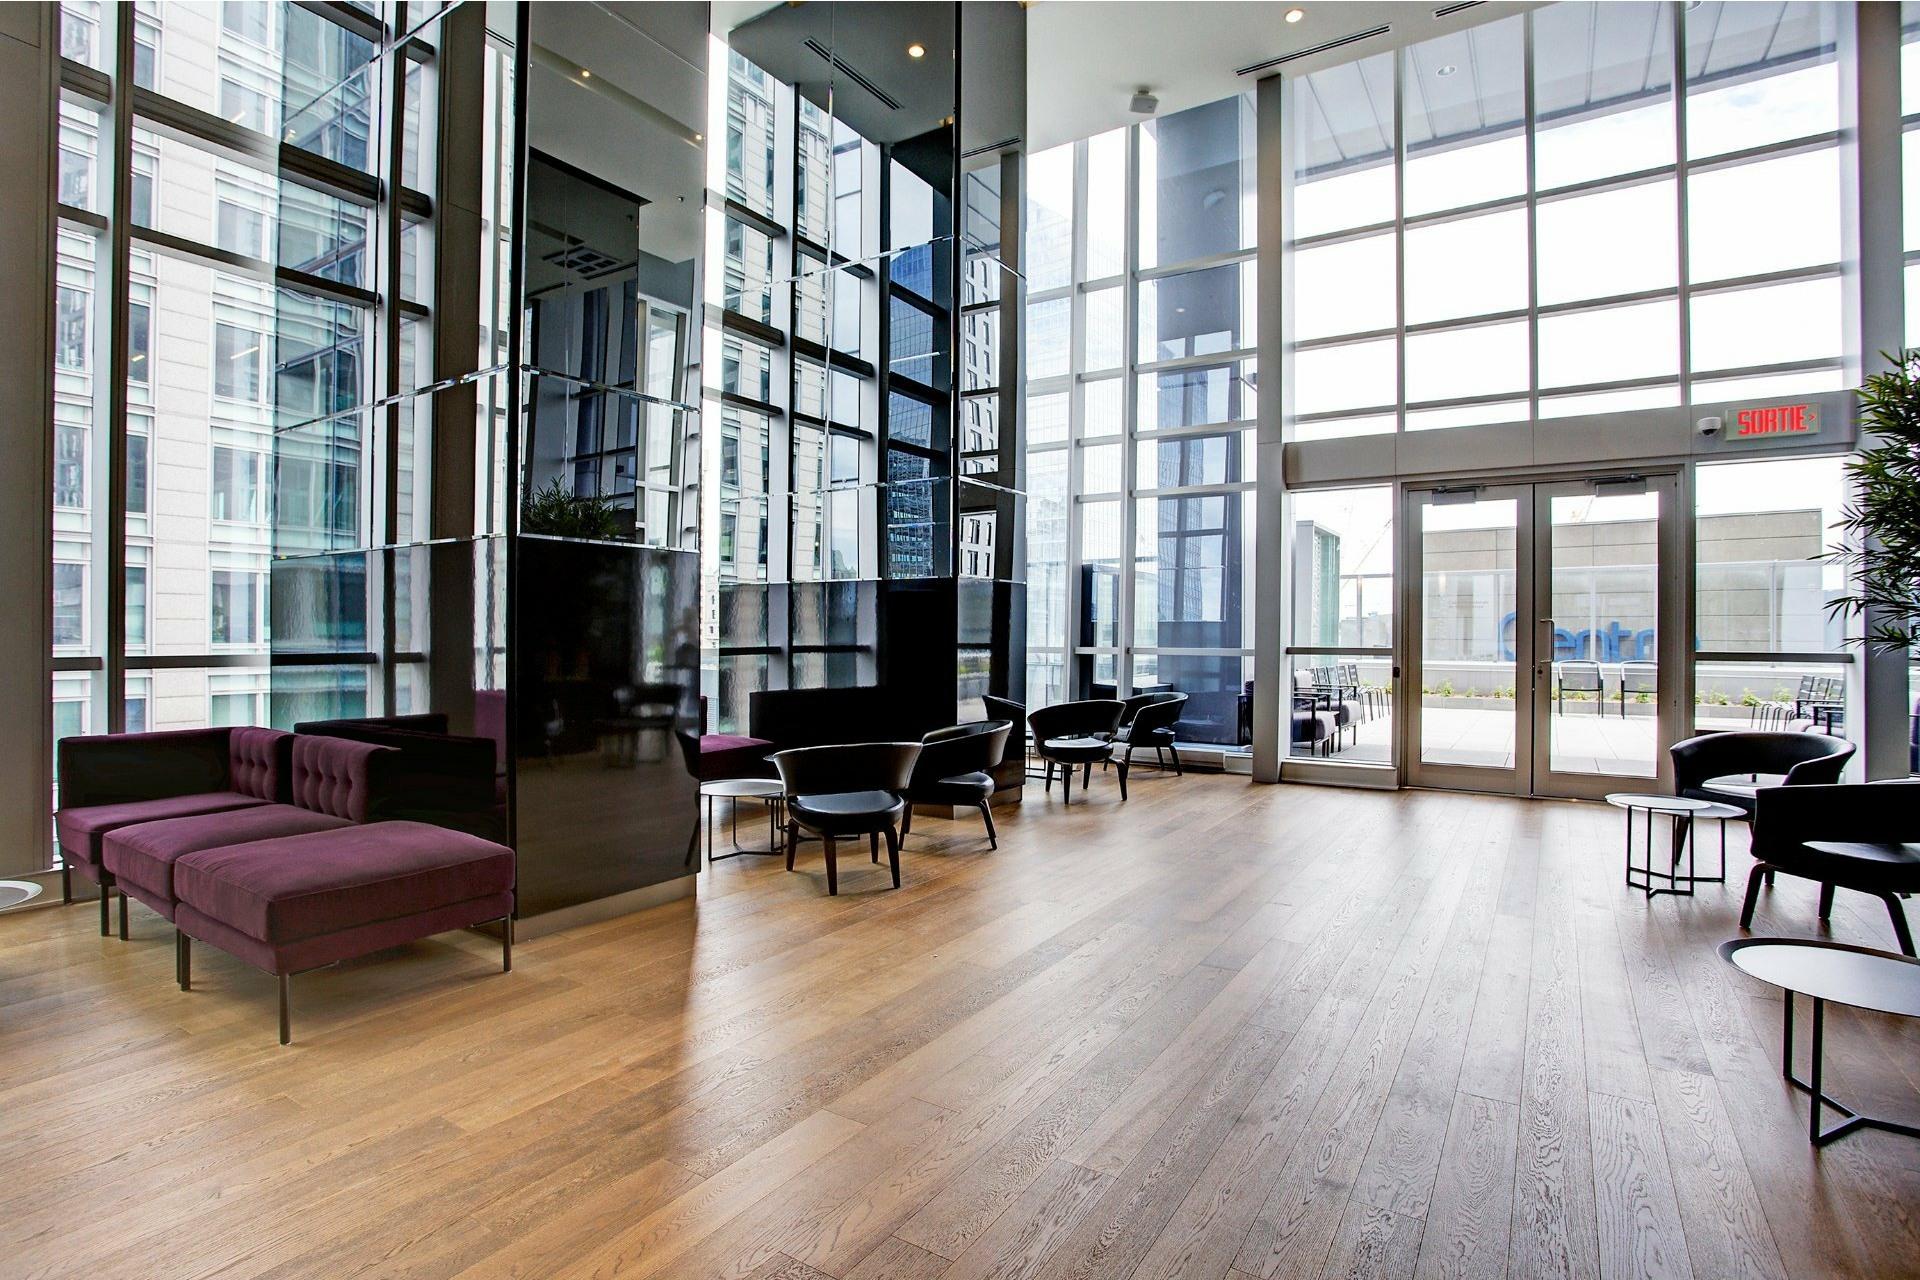 image 4 - Apartment For rent Ville-Marie Montréal  - 5 rooms